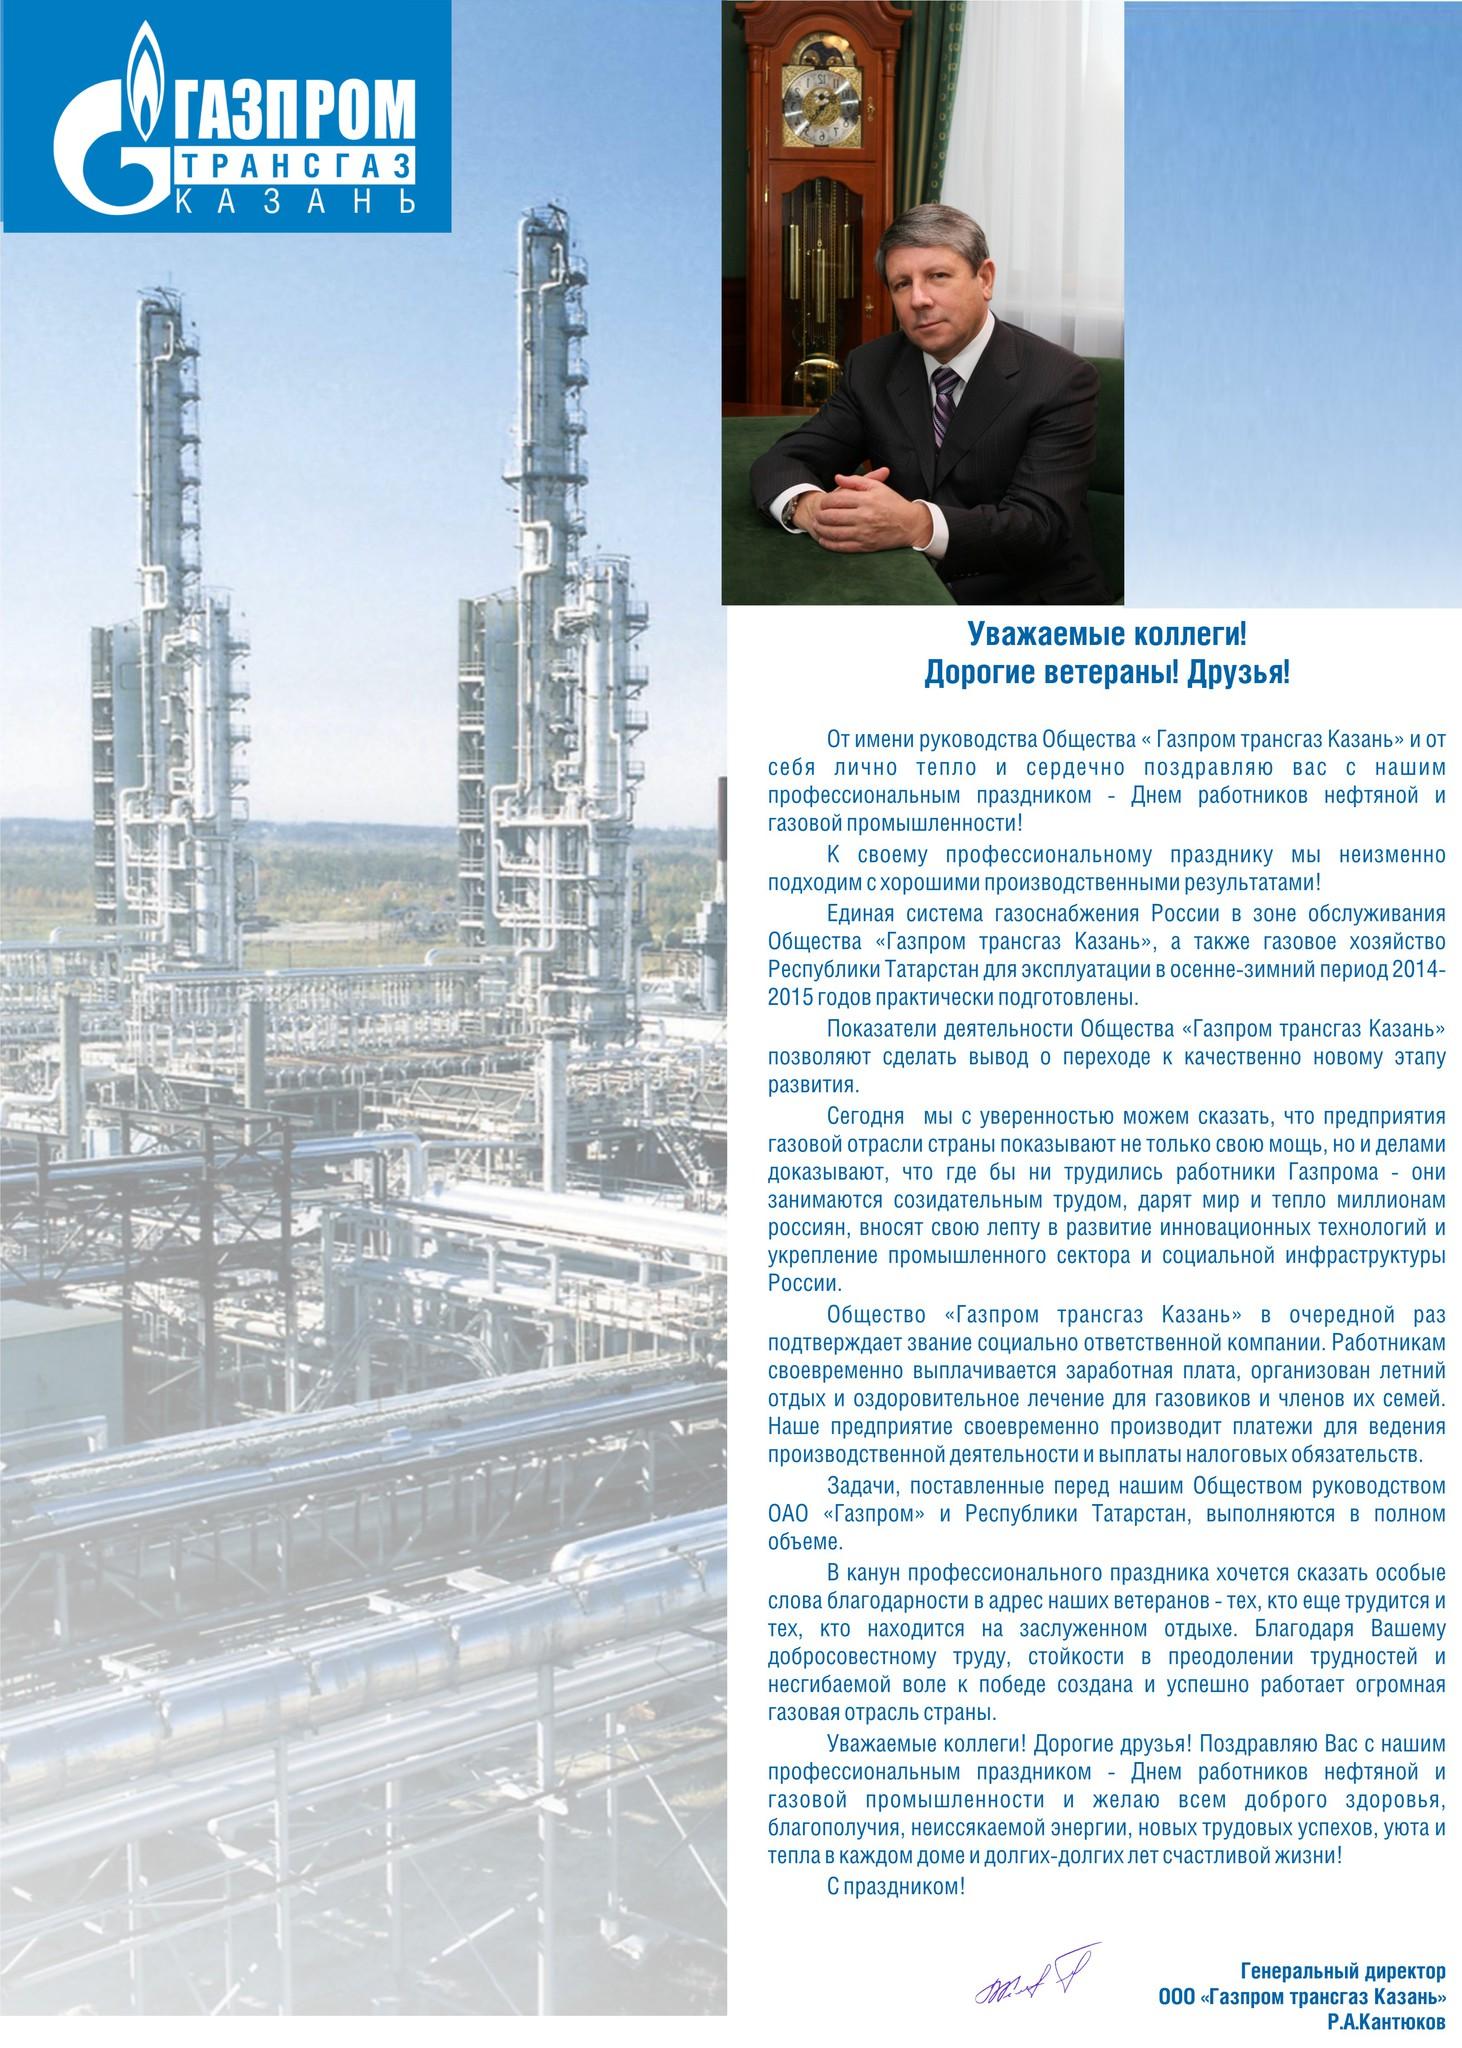 Газпром трансгаз поздравление с юбилеем 10